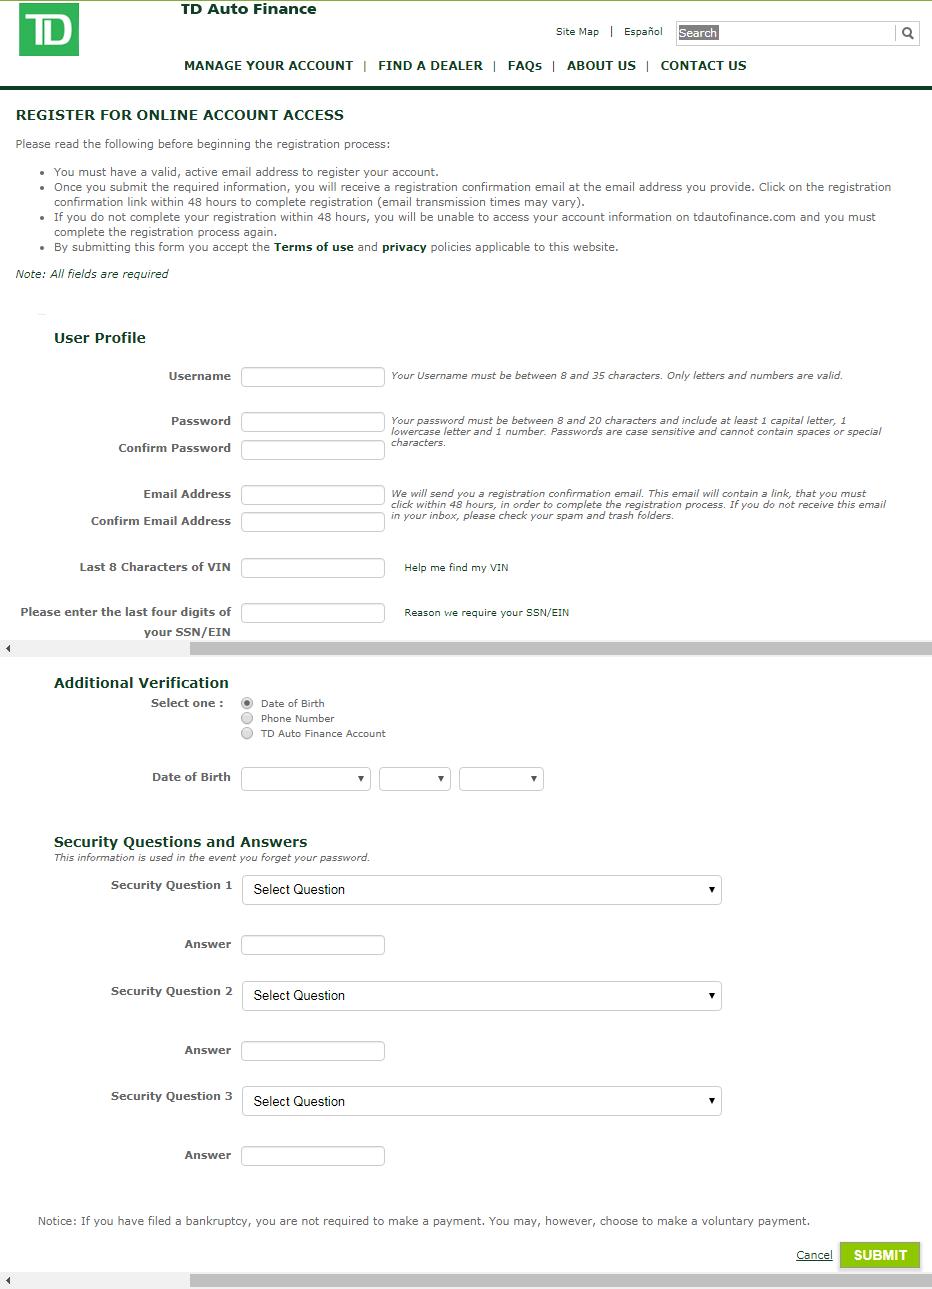 Login to TD Auto Finance online account